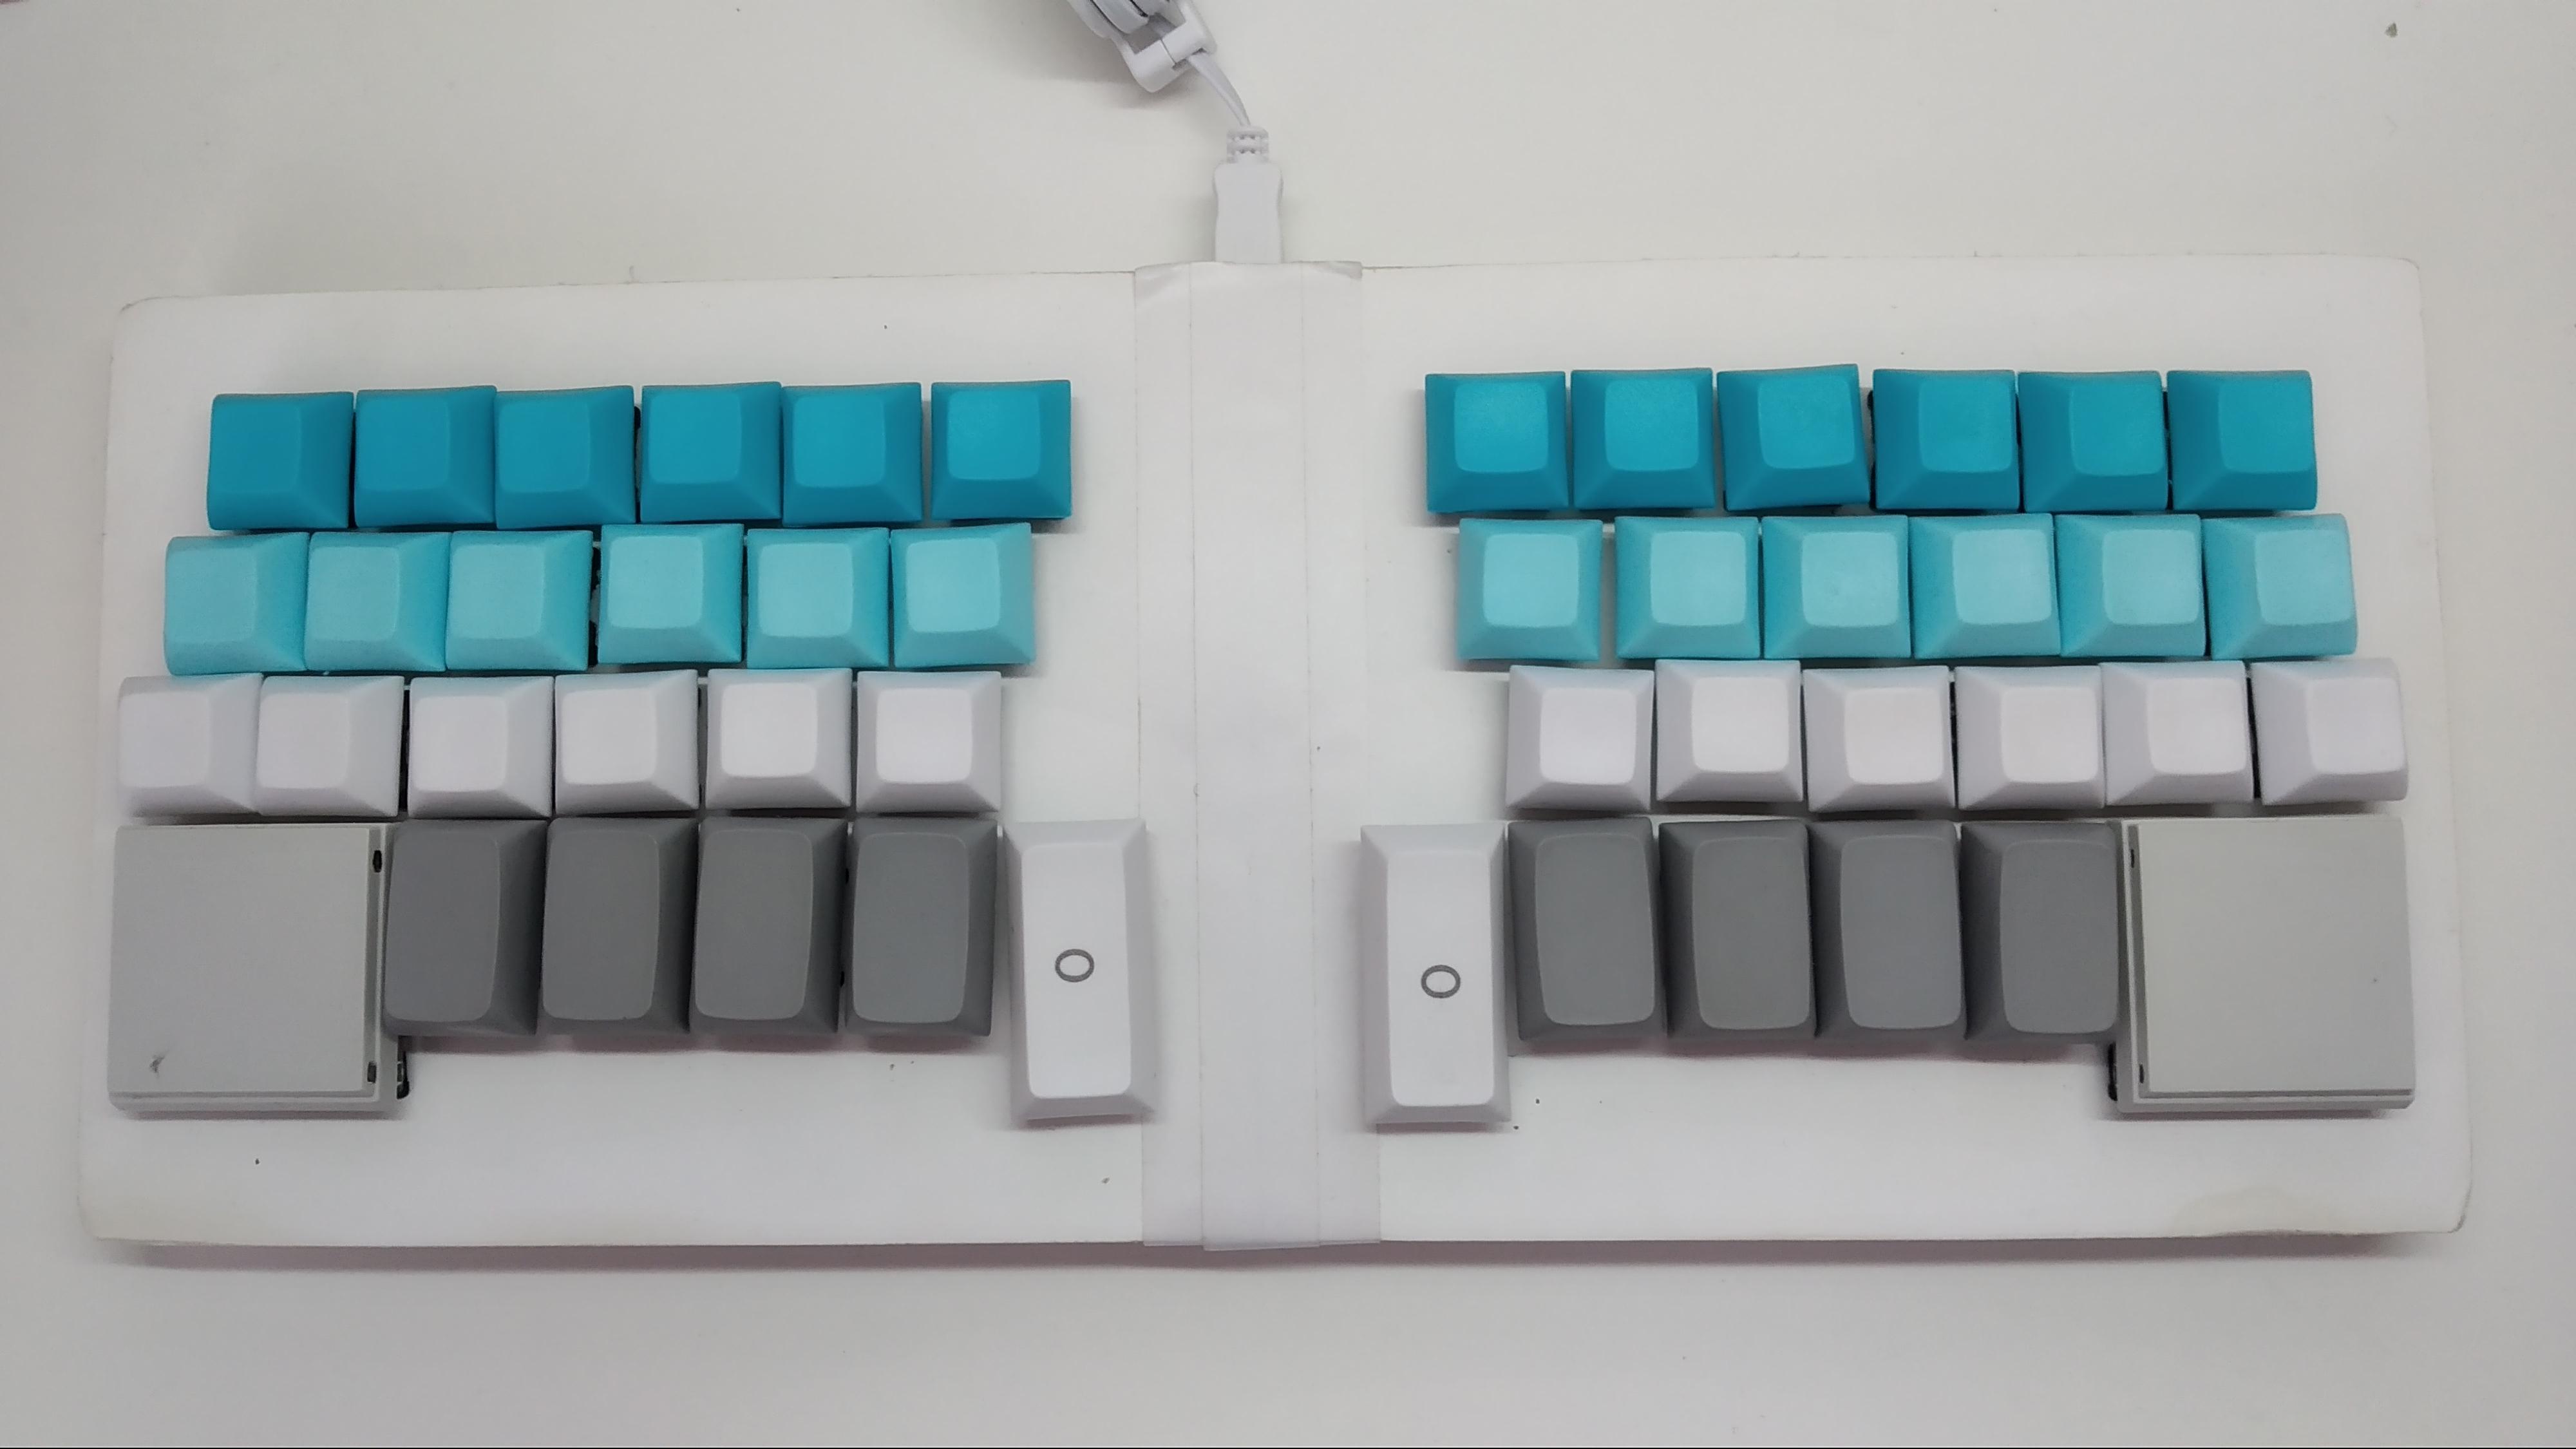 New keycaps